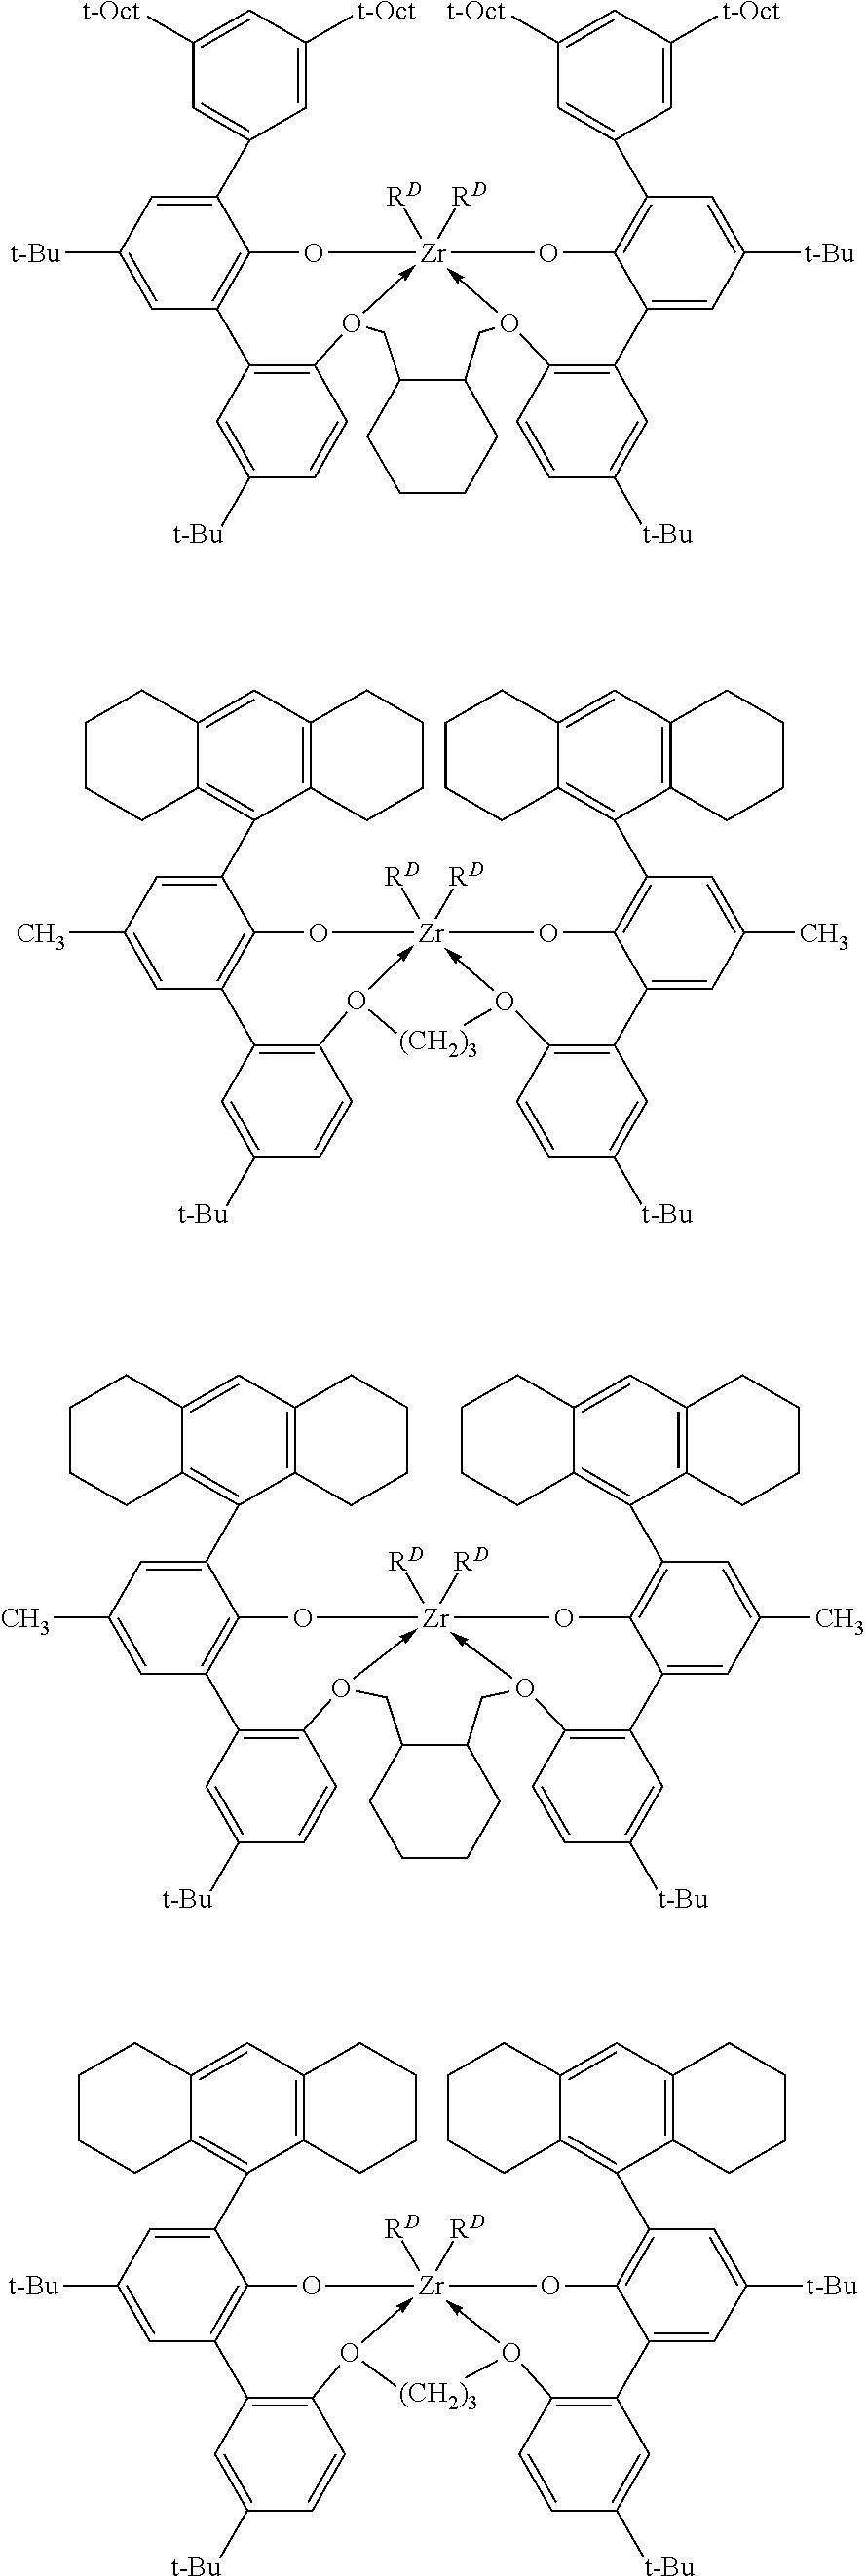 Figure US20120108770A1-20120503-C00009